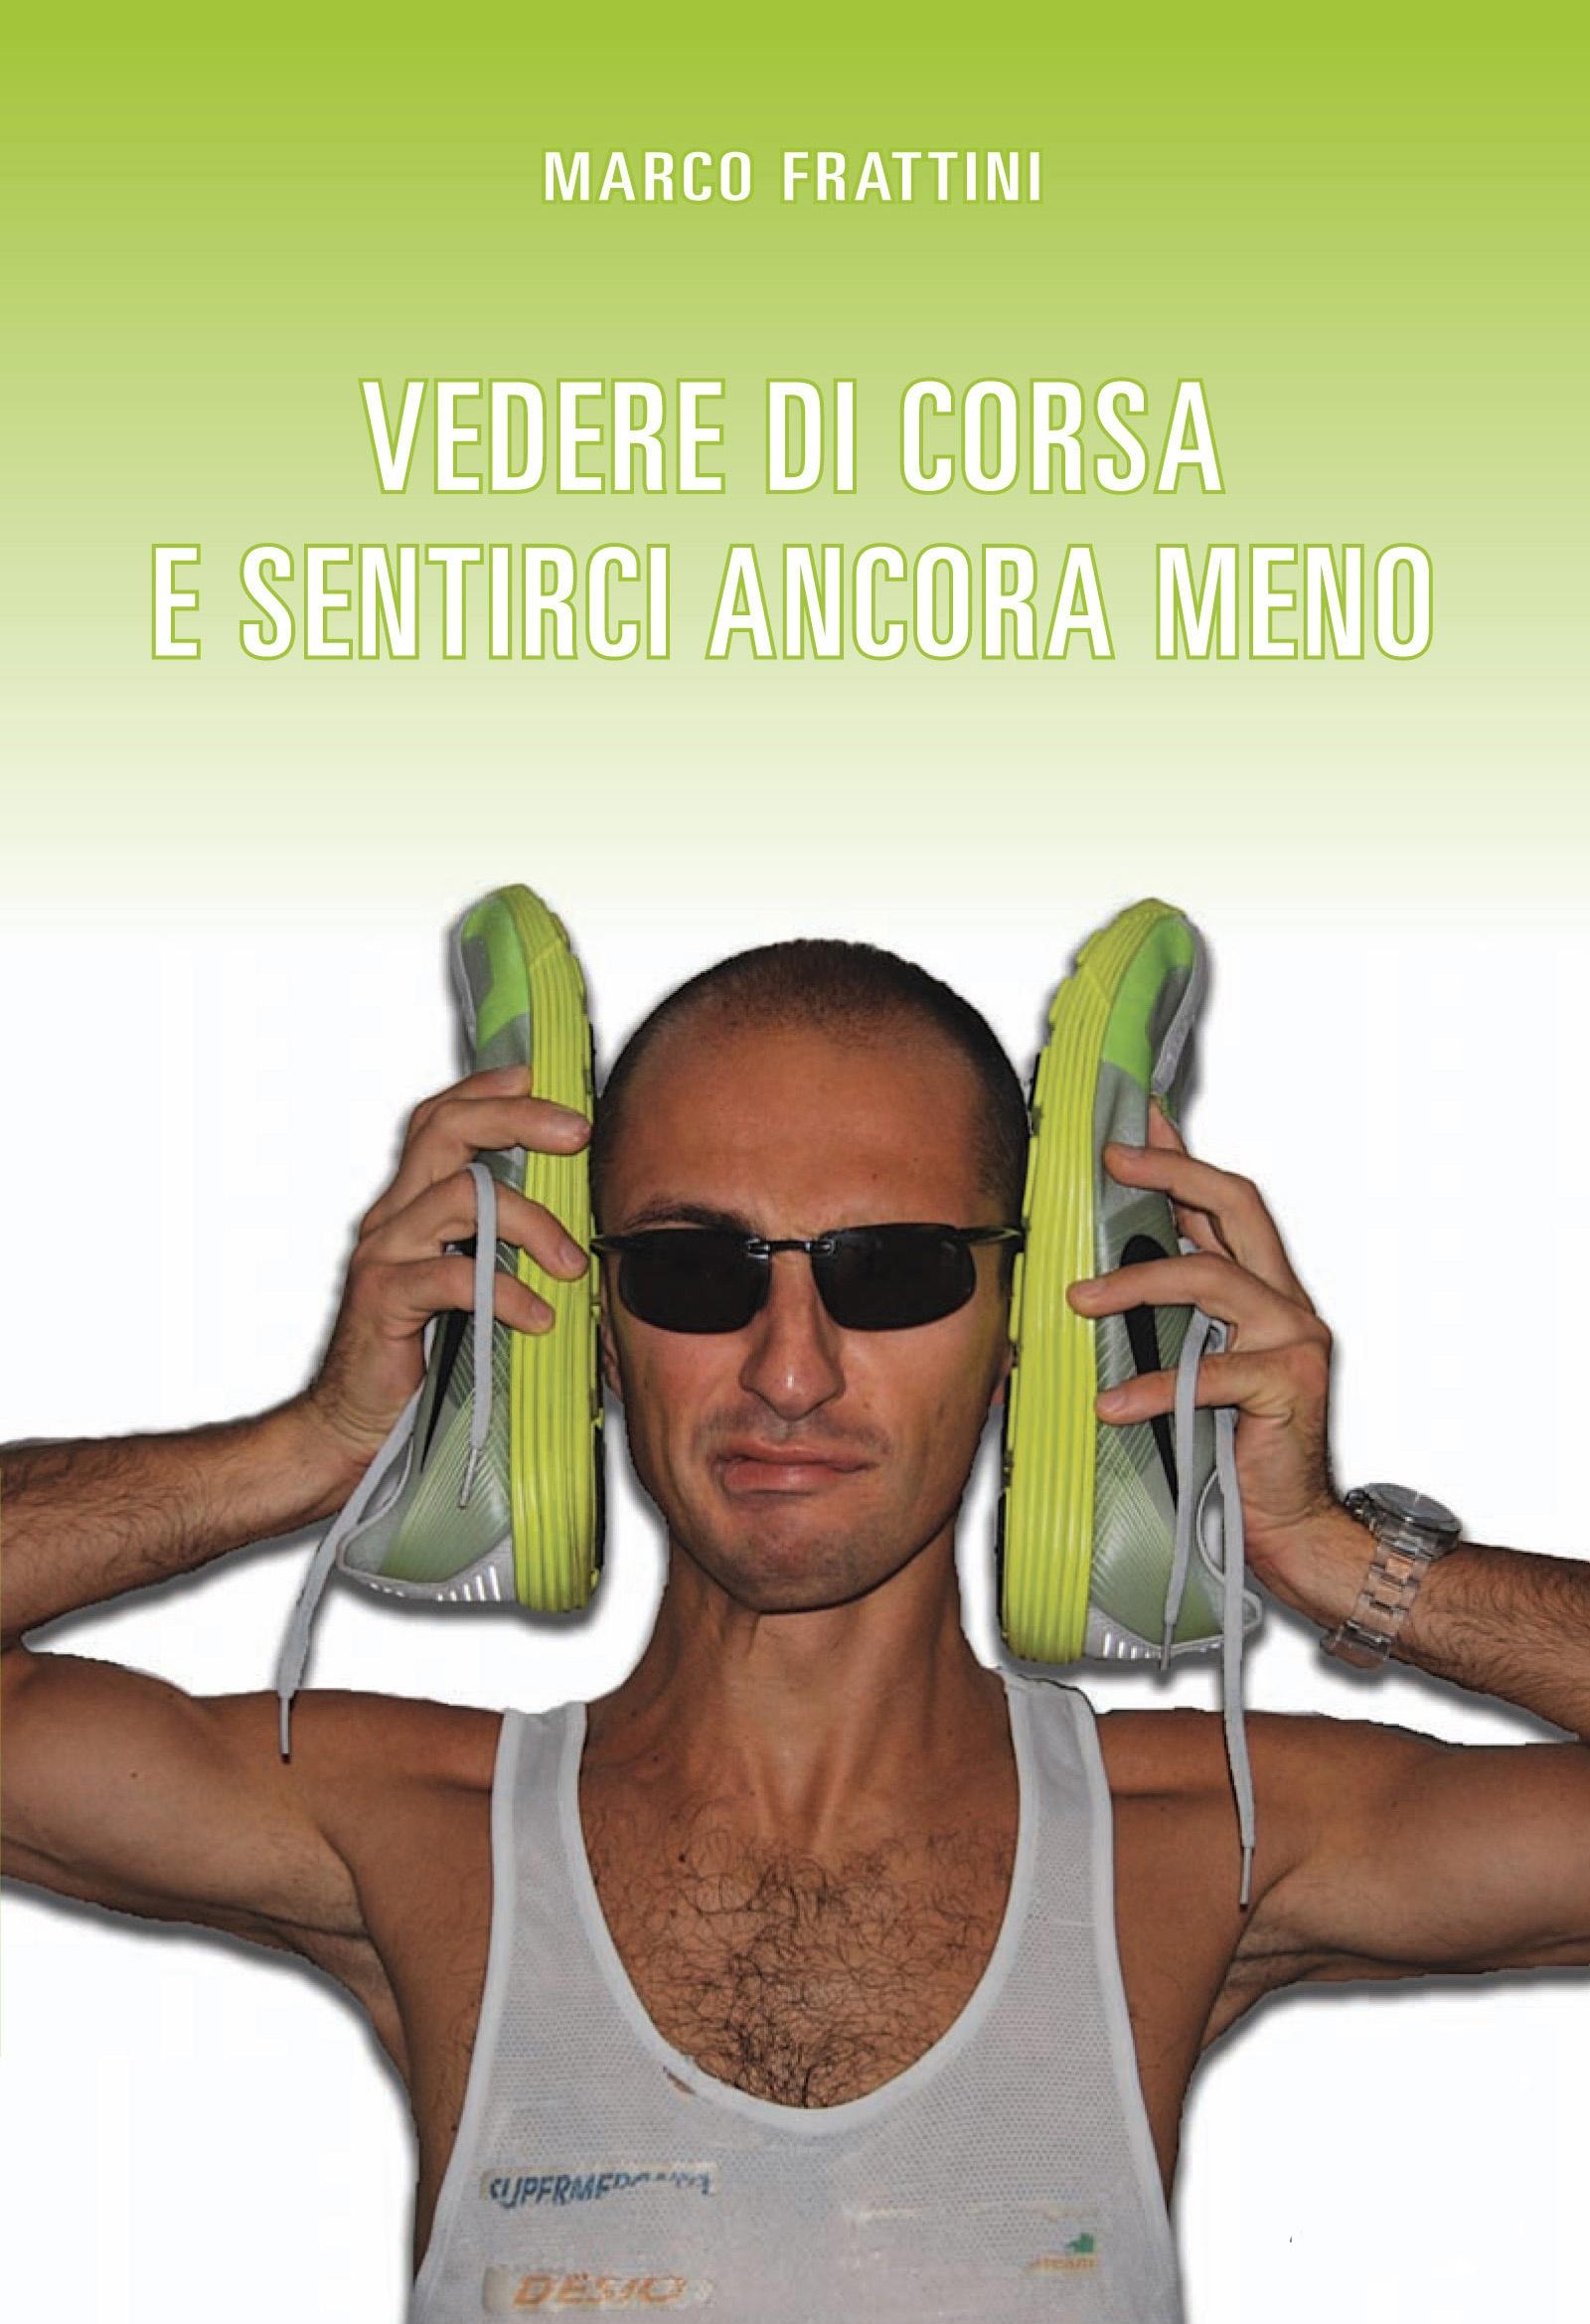 VEDERE DI CORSA E SENTIRCI ANCORA MENO II ed - Dora Web Radio - Una Voce per l'Aiuto - Partner ItaliAccessibile